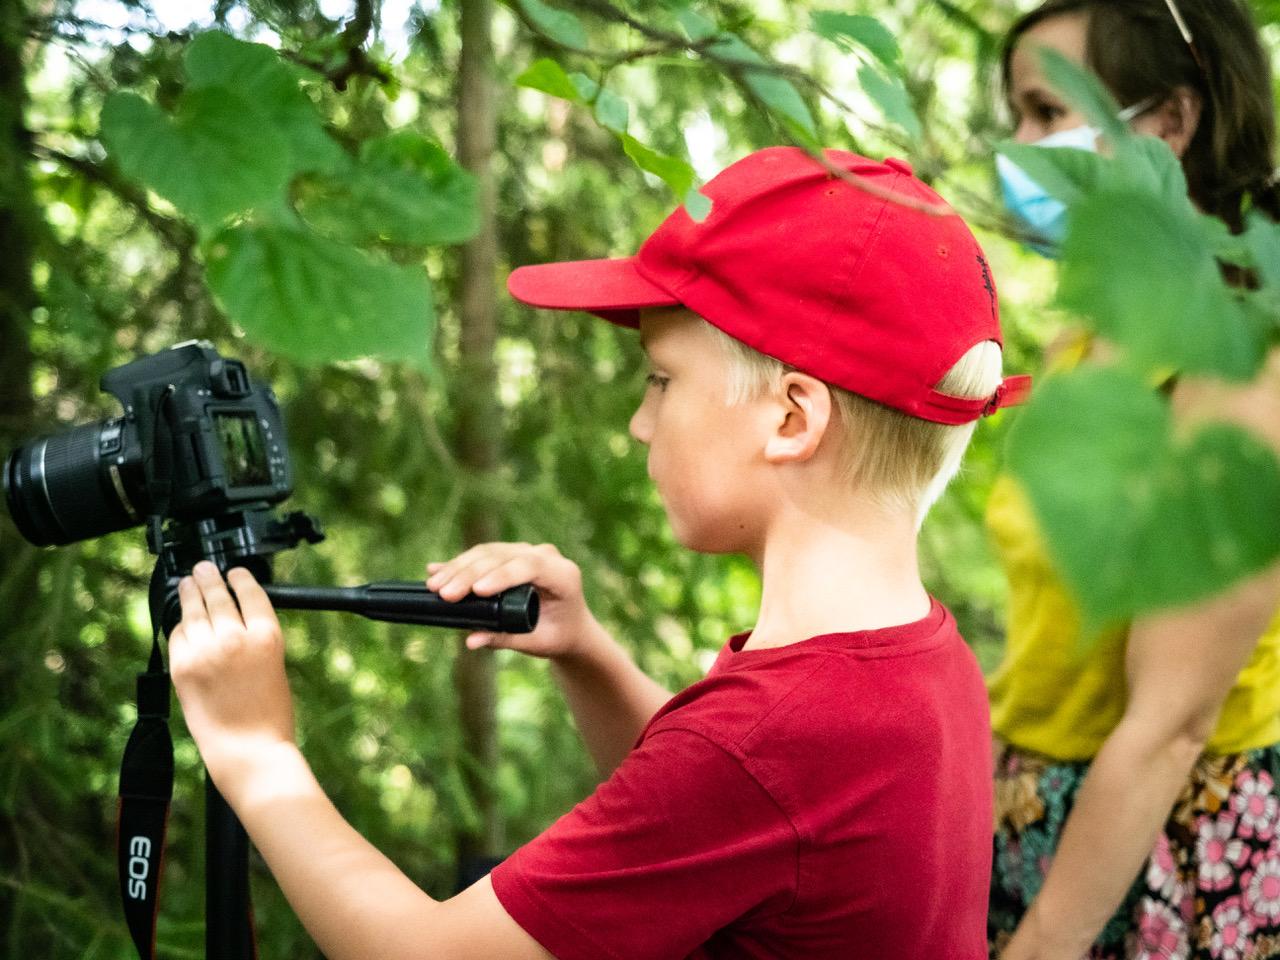 Kino Tavastin, Arxin ja Aimokoulun järjestämällä Rec-elokuvaviikolla kameran takana poika, joka osallistui ensimmäistä kertaa Rec-viikolle. Sää oli aurinkoista, helteistä, t-paita- ja lippalakkikeli.